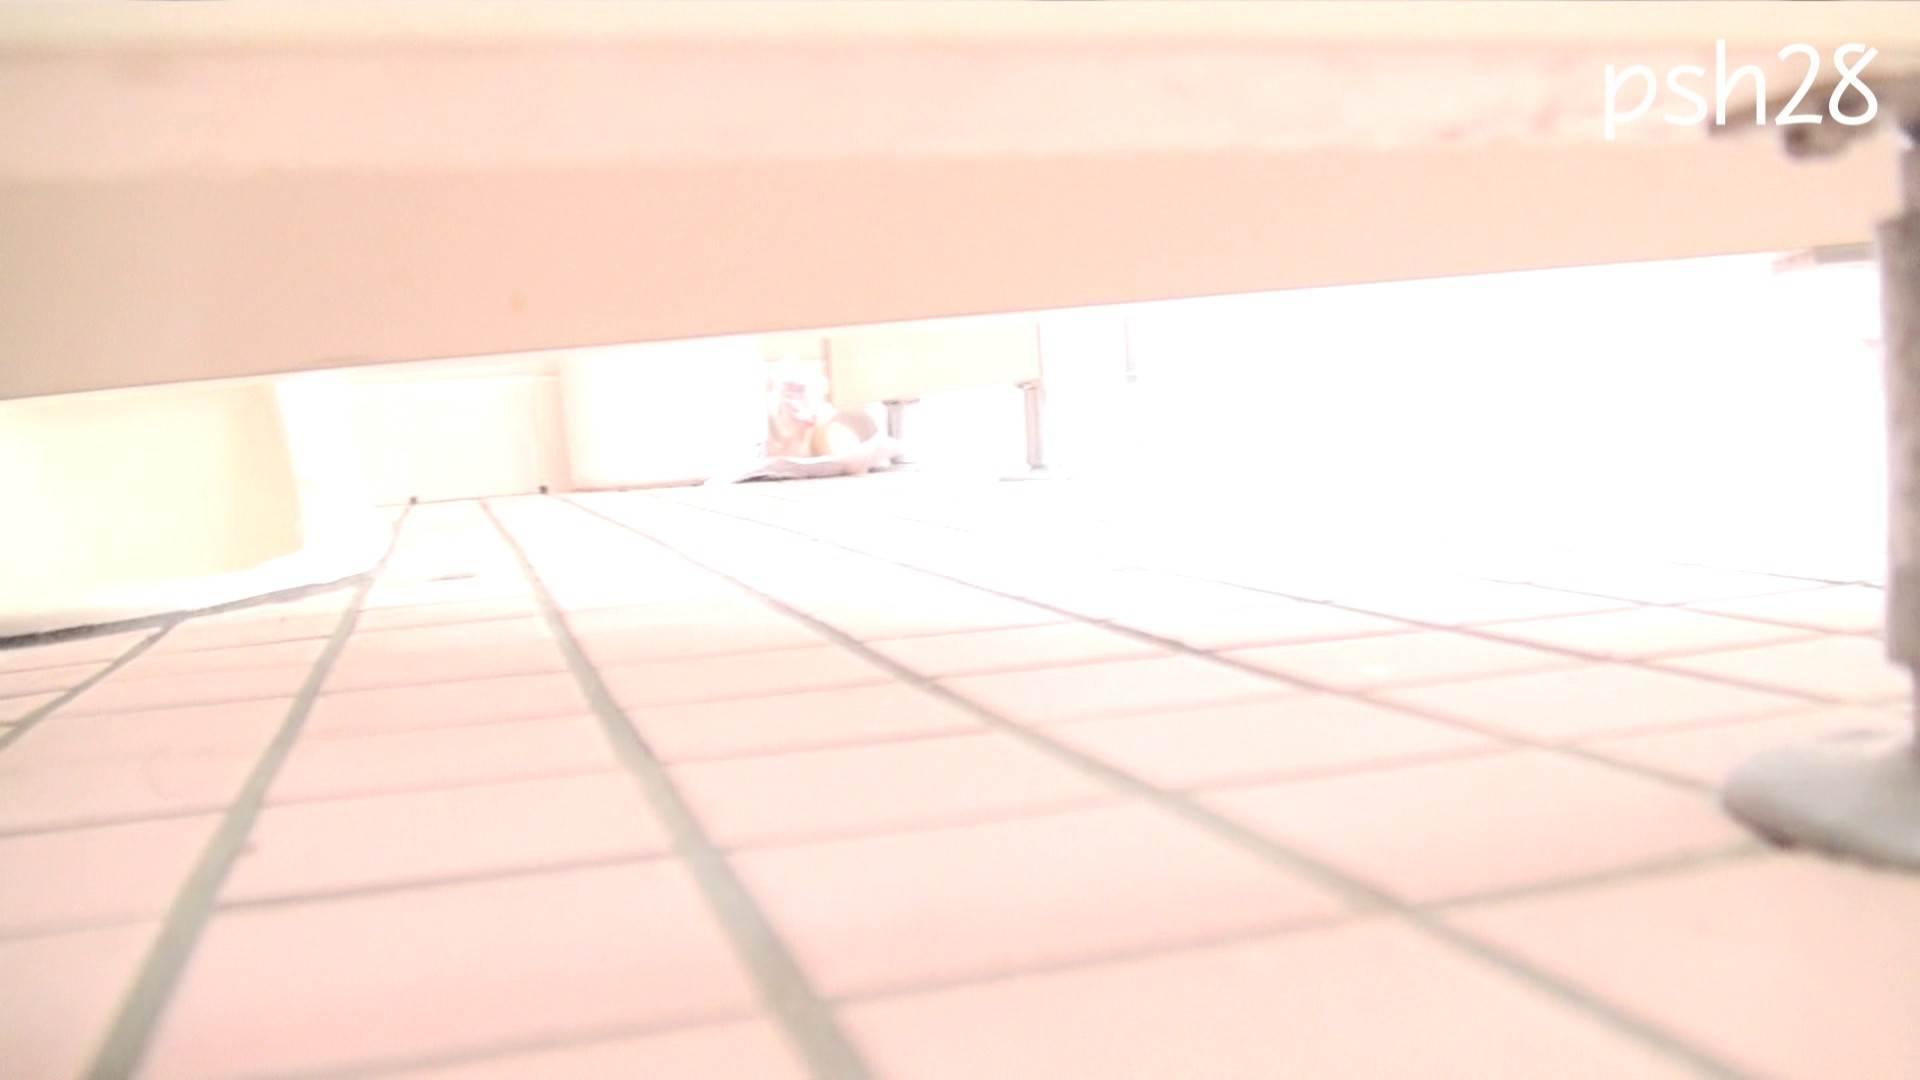 ▲復活限定▲ハイビジョン 盗神伝 Vol.28 盛合せ 戯れ無修正画像 69画像 3